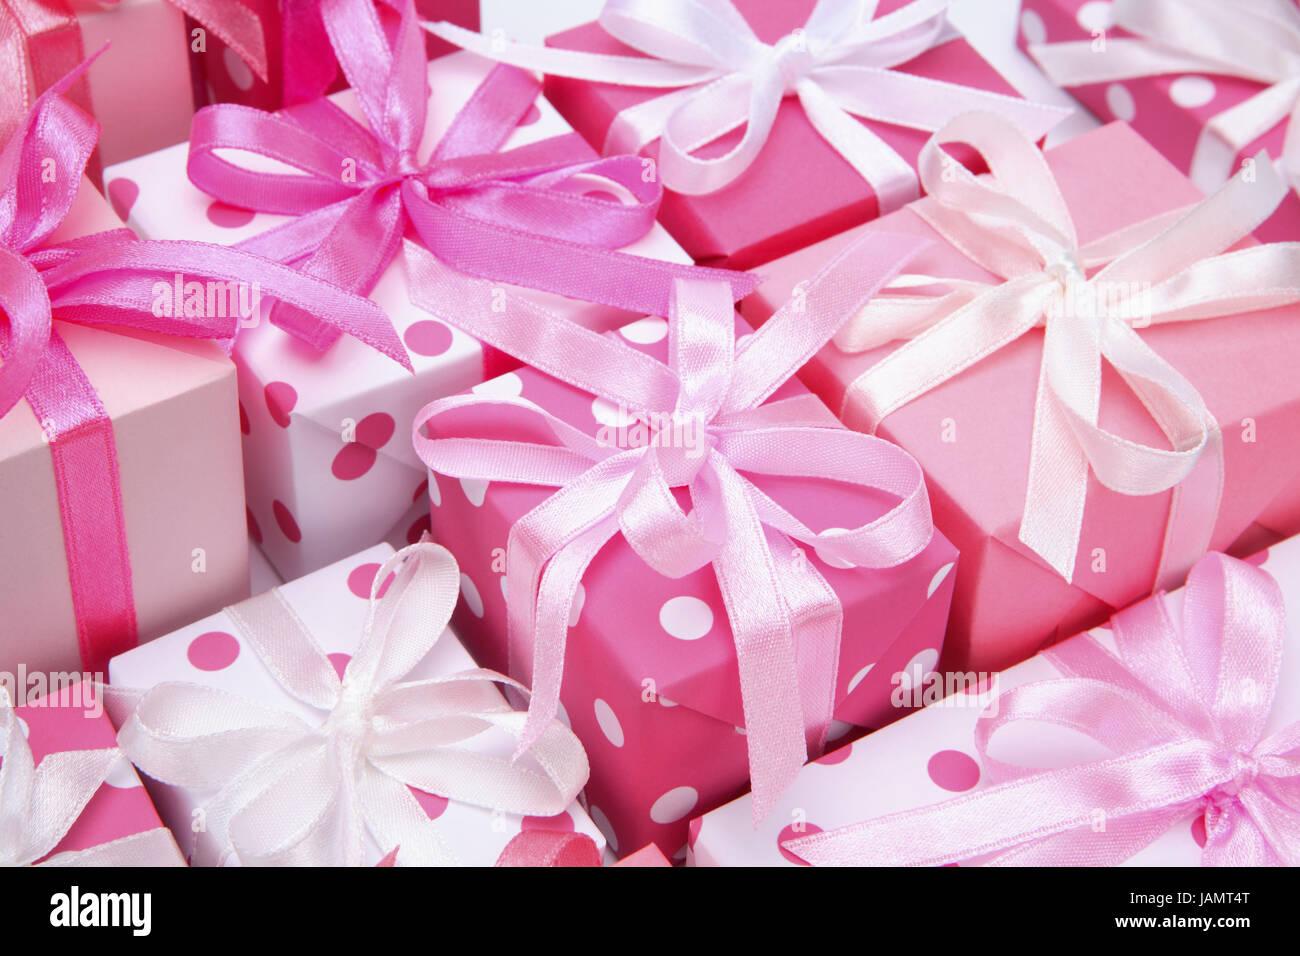 Gift PackagepinkChristmasValentinstagbirthdayMothers DayjubileeValentinsgeschenkebirthday PresentsMothers Day PresentsChristmas Presentssmall